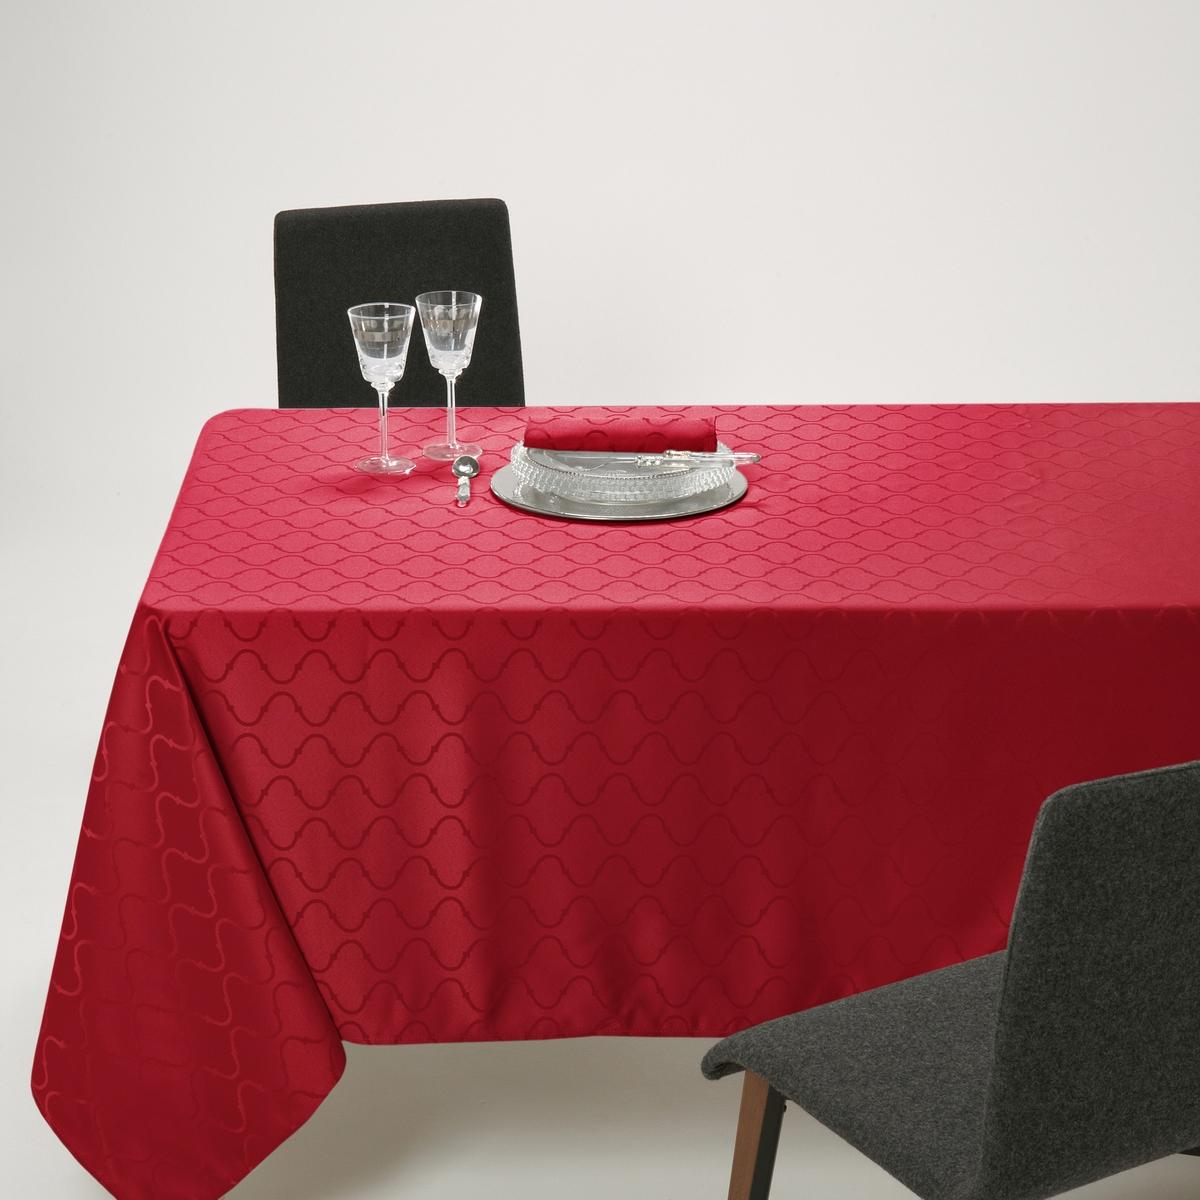 купить Скатерть La Redoute Из жаккардовой ткани с тканым узором SALOM 180 x 180 см красный онлайн